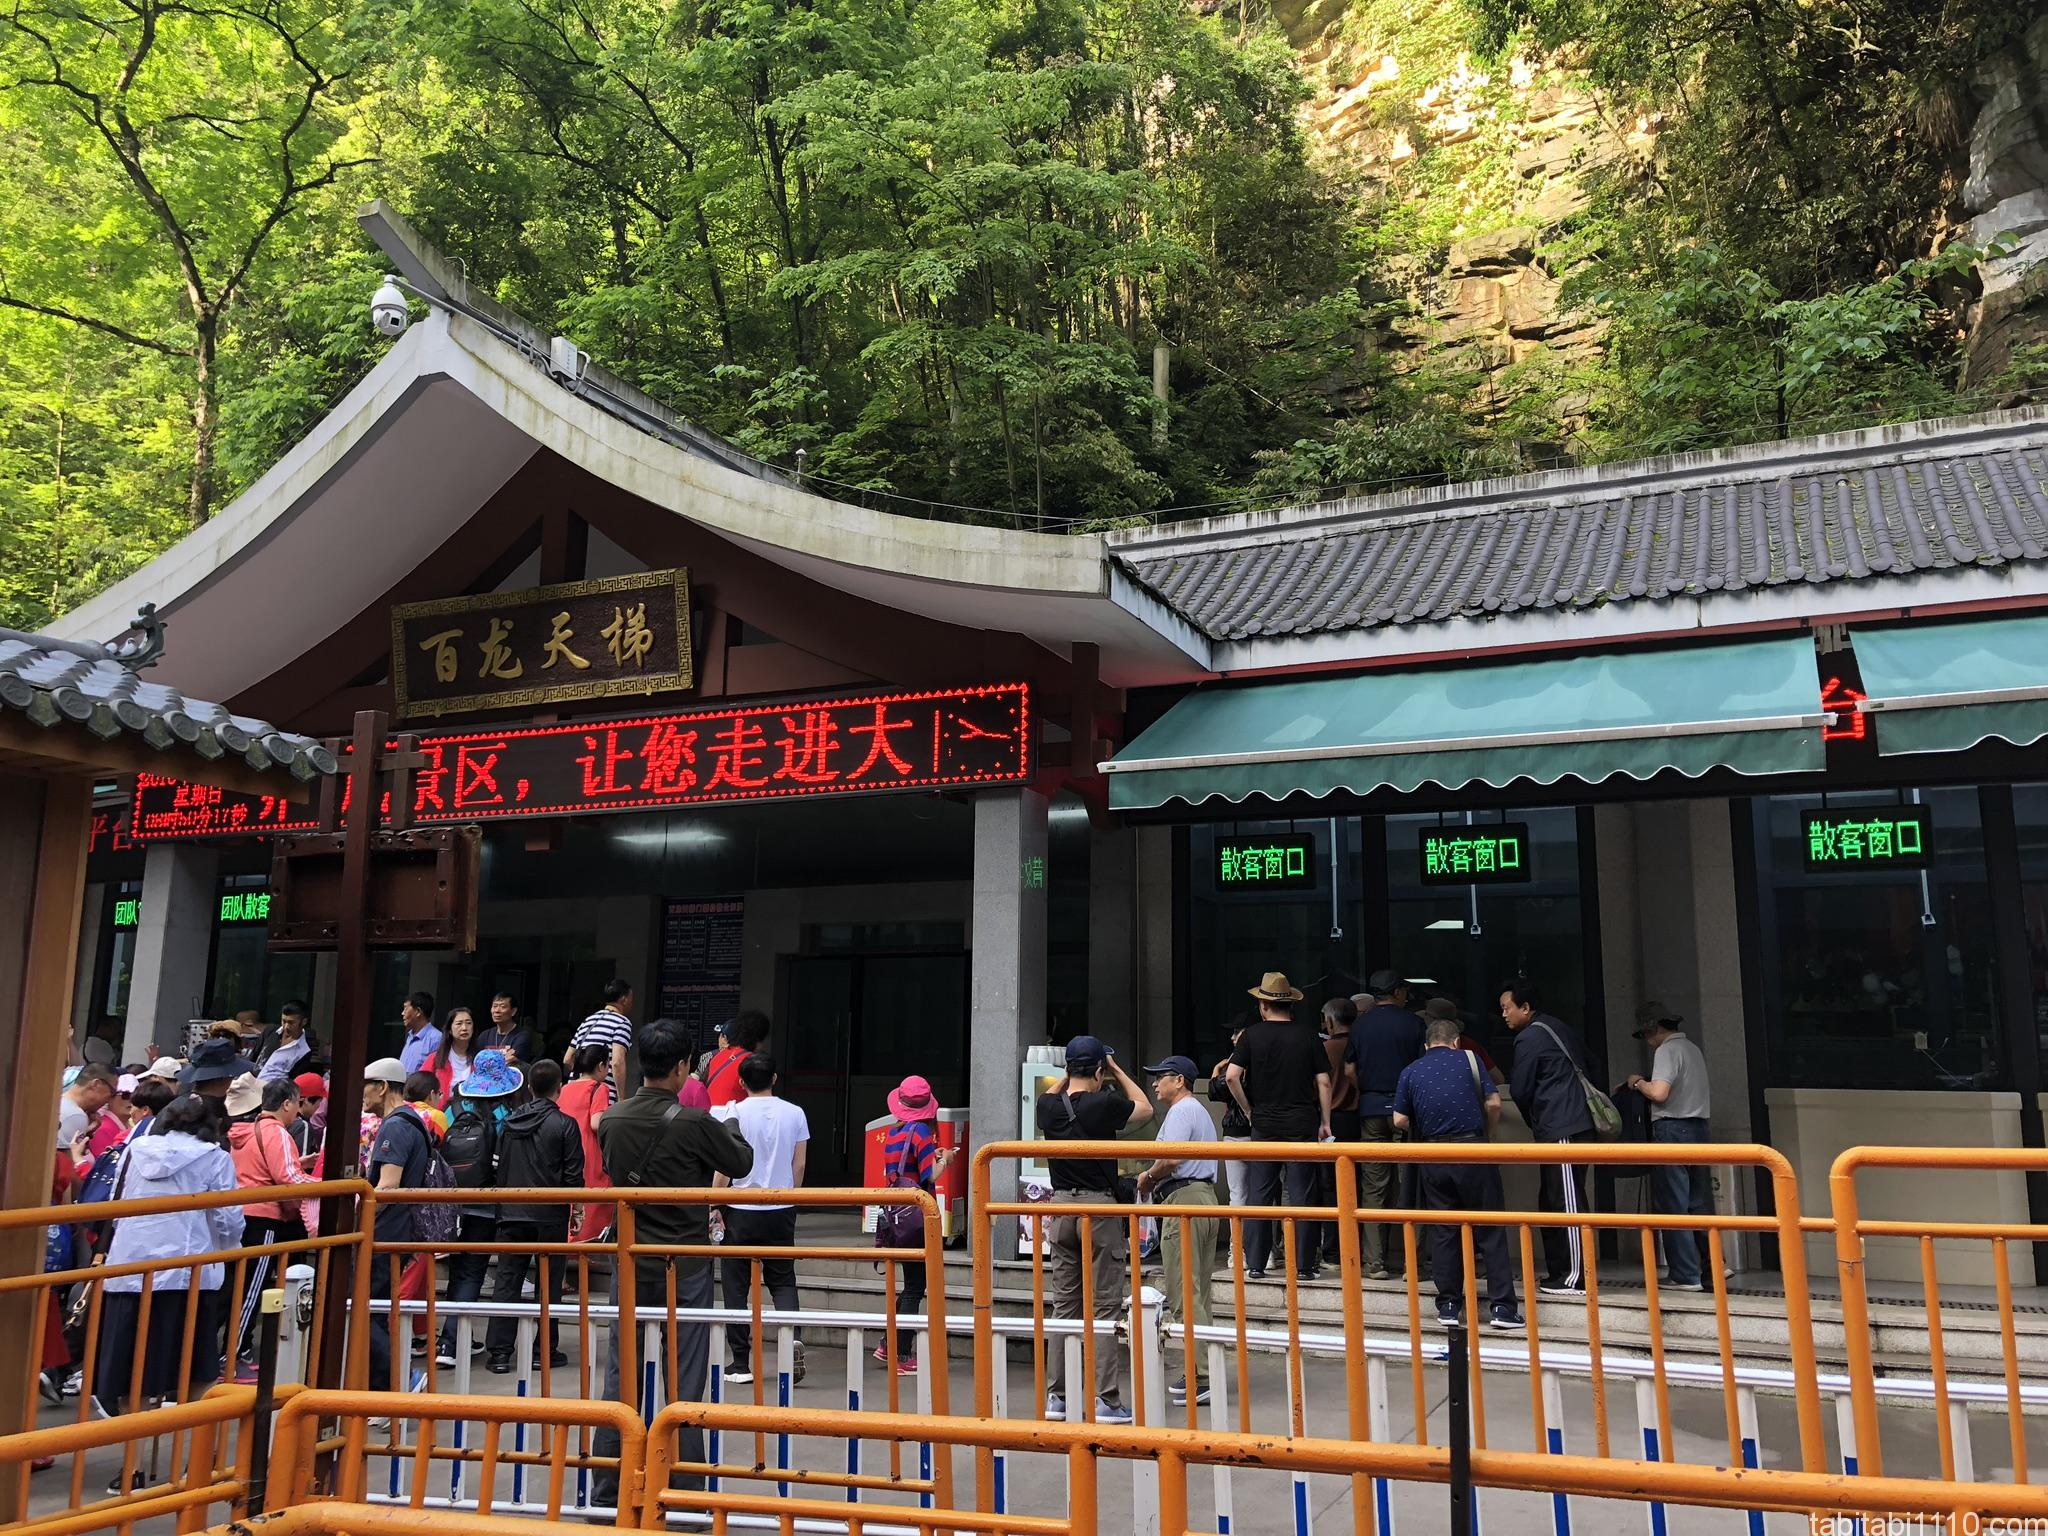 武陵源観光|エレベーターのチケット売り場